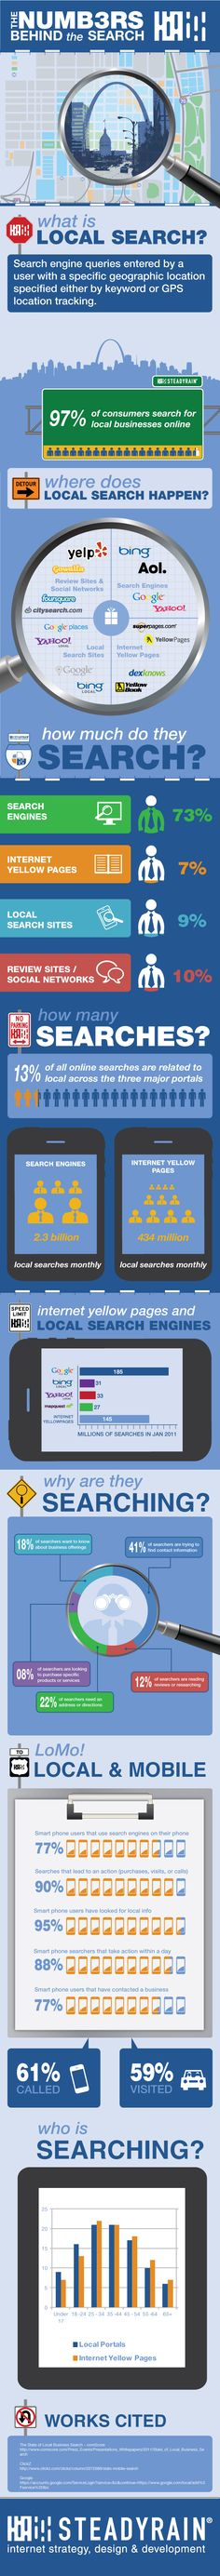 Infografía en inglés que muestra algunas estadísticas de las búsquedas locales